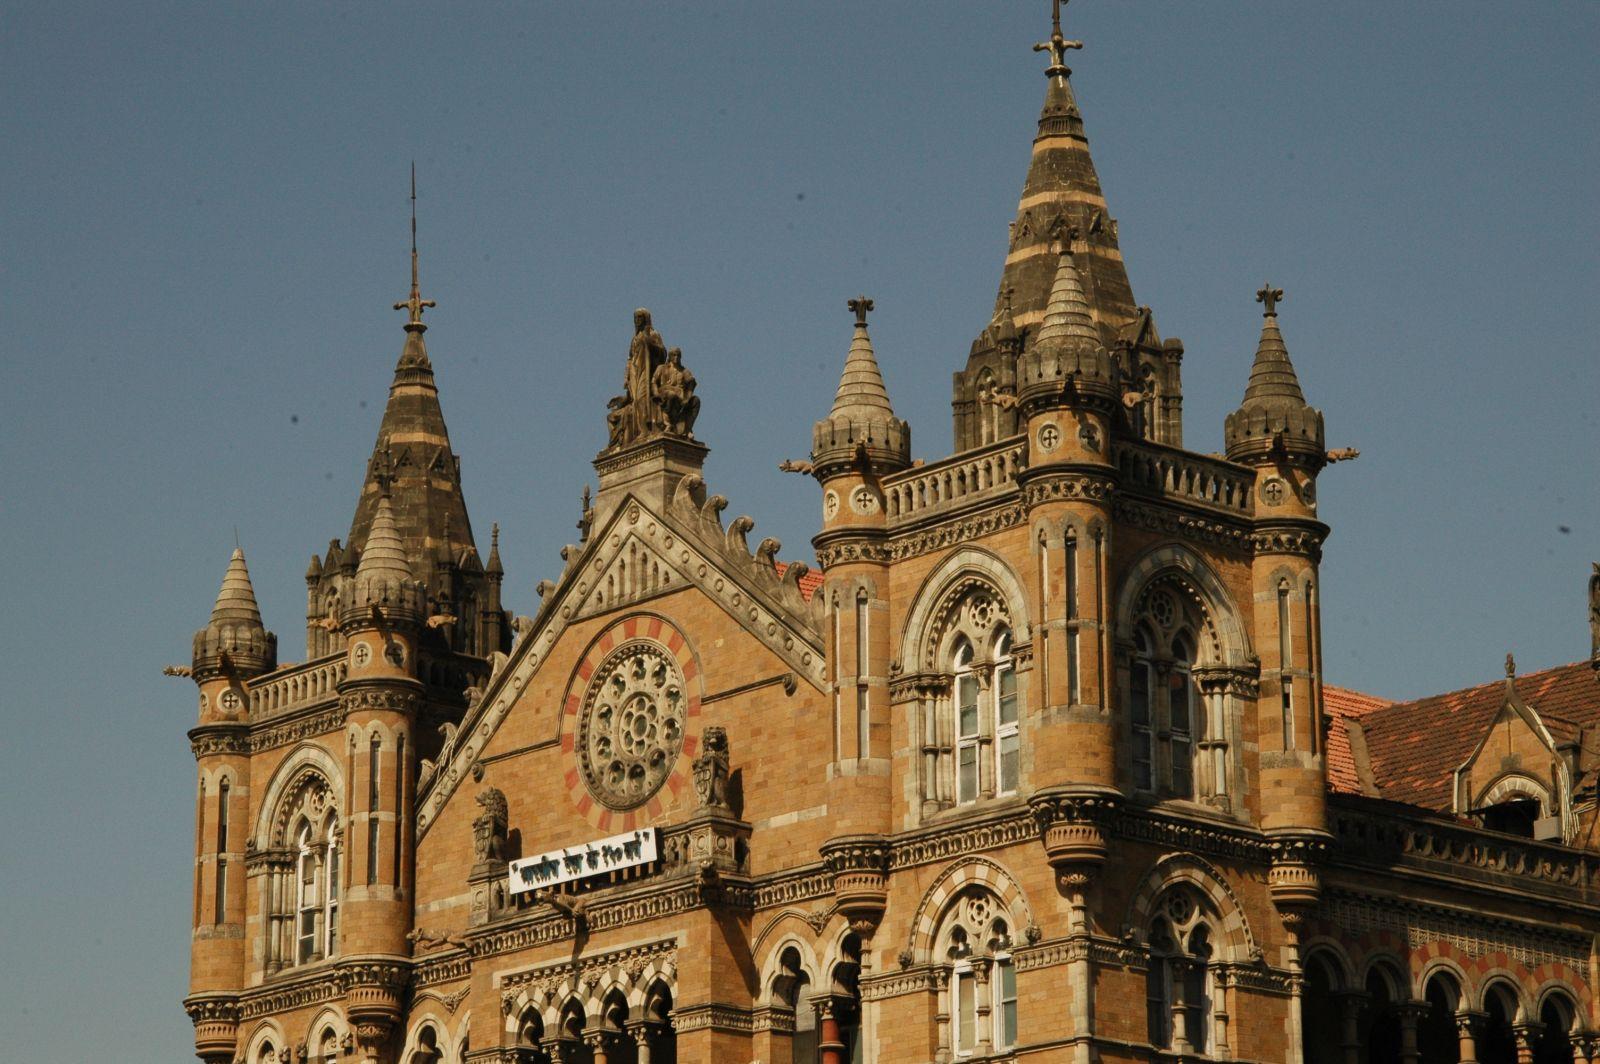 火車站正面有細膩的雕琢裝飾,充滿歐陸風情